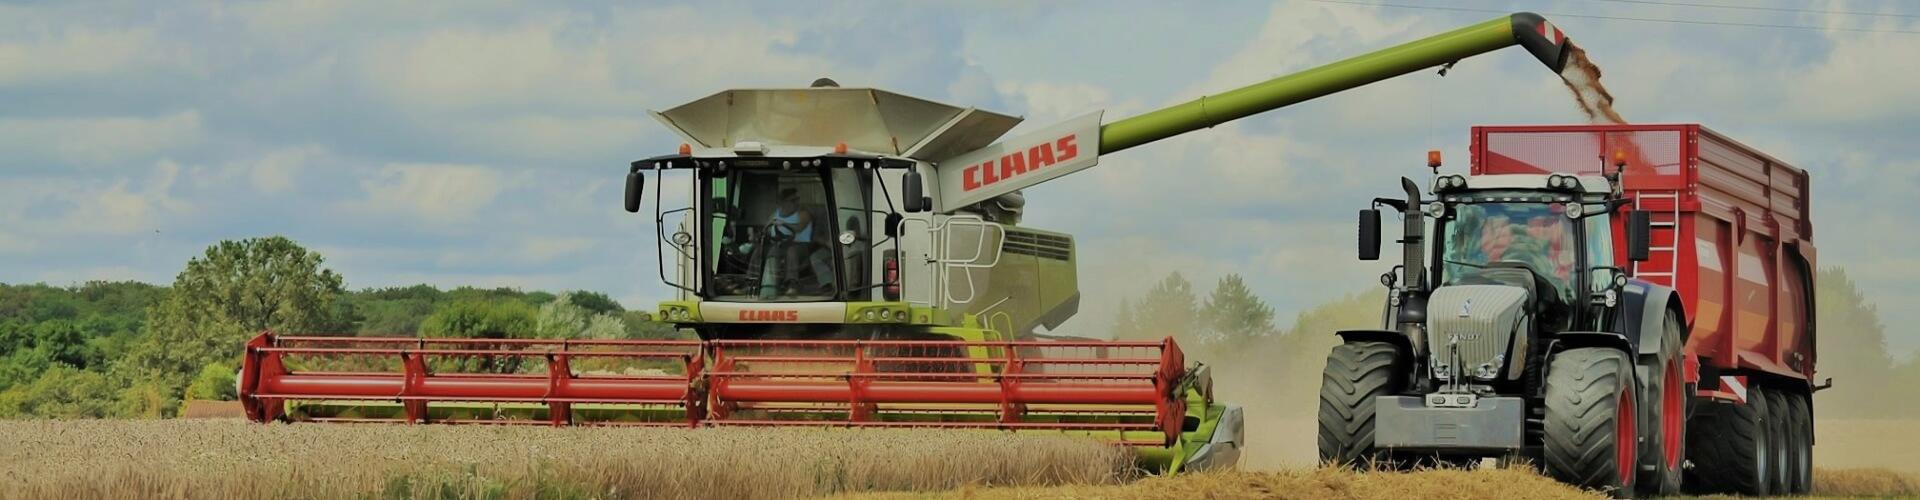 Claas combine krampe bandit trailer harvest